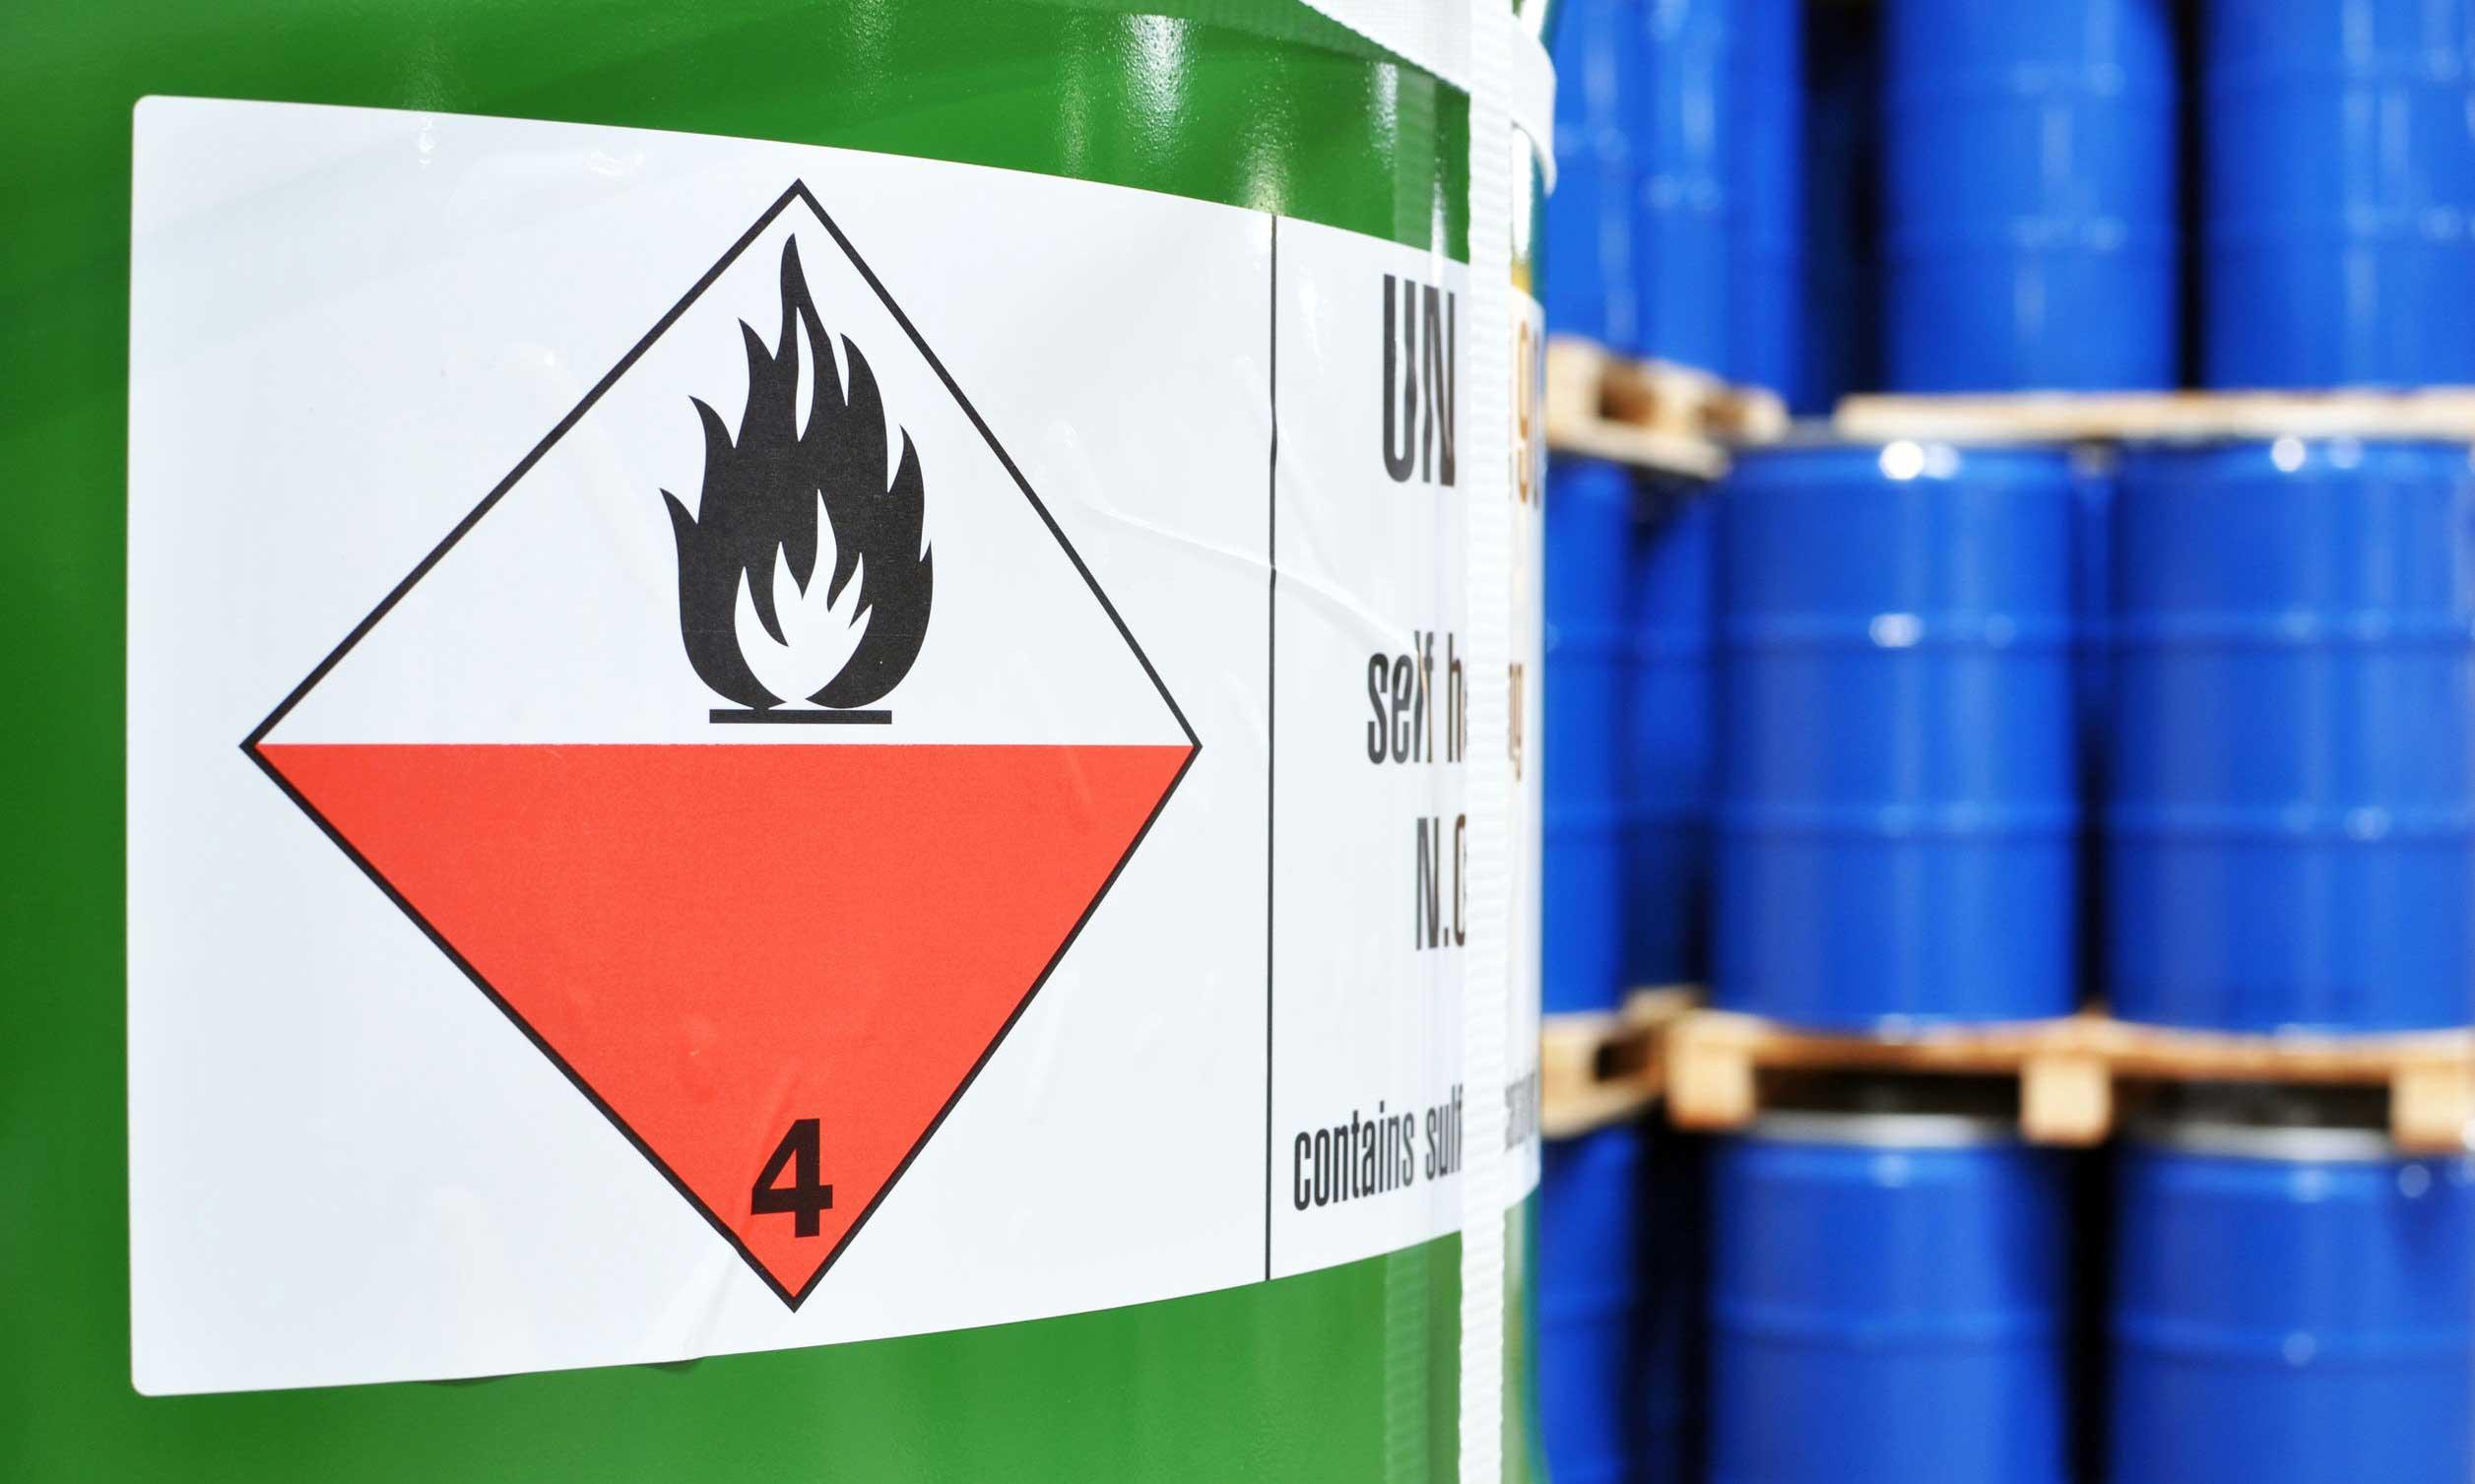 การจัดการด้านสารเคมีและการปฏิบัติตามกฎหมายสารเคมี